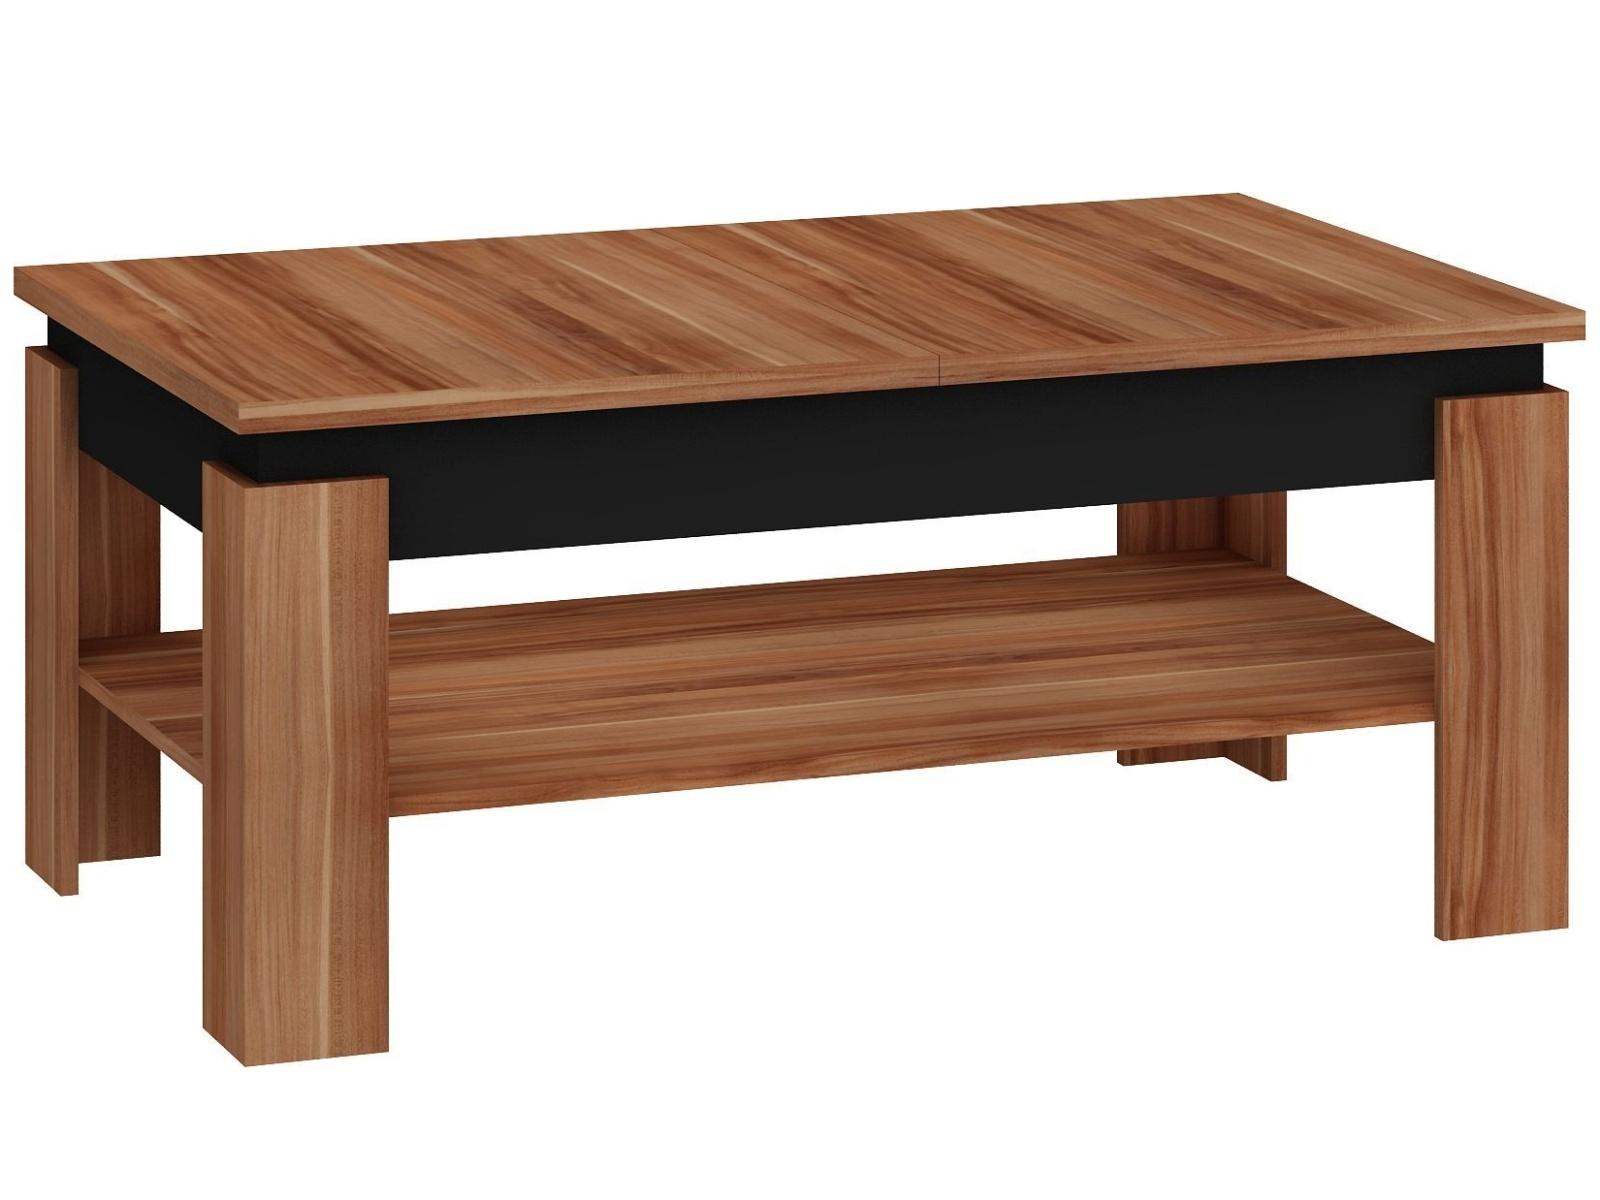 MORAVIA FLAT Konferenční rozkládací stolek BOSTON, švestka wallis/černý lesk